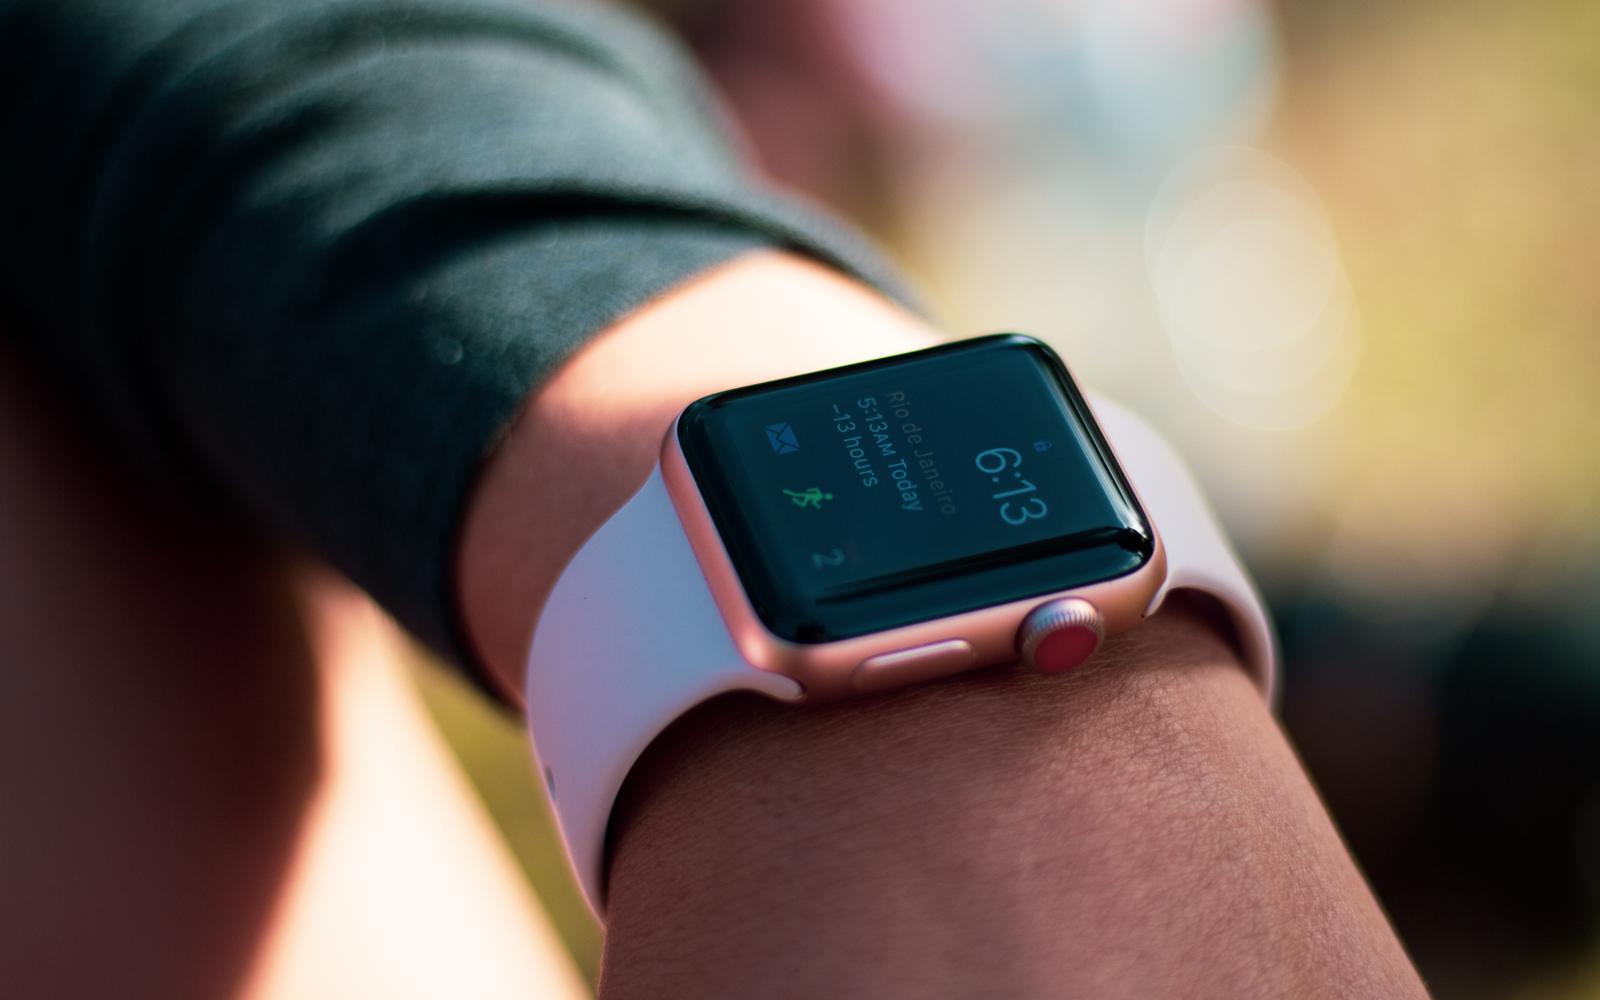 Další průlomový nápad Applu. Půjde Apple Watch ovládat bezdotykově?